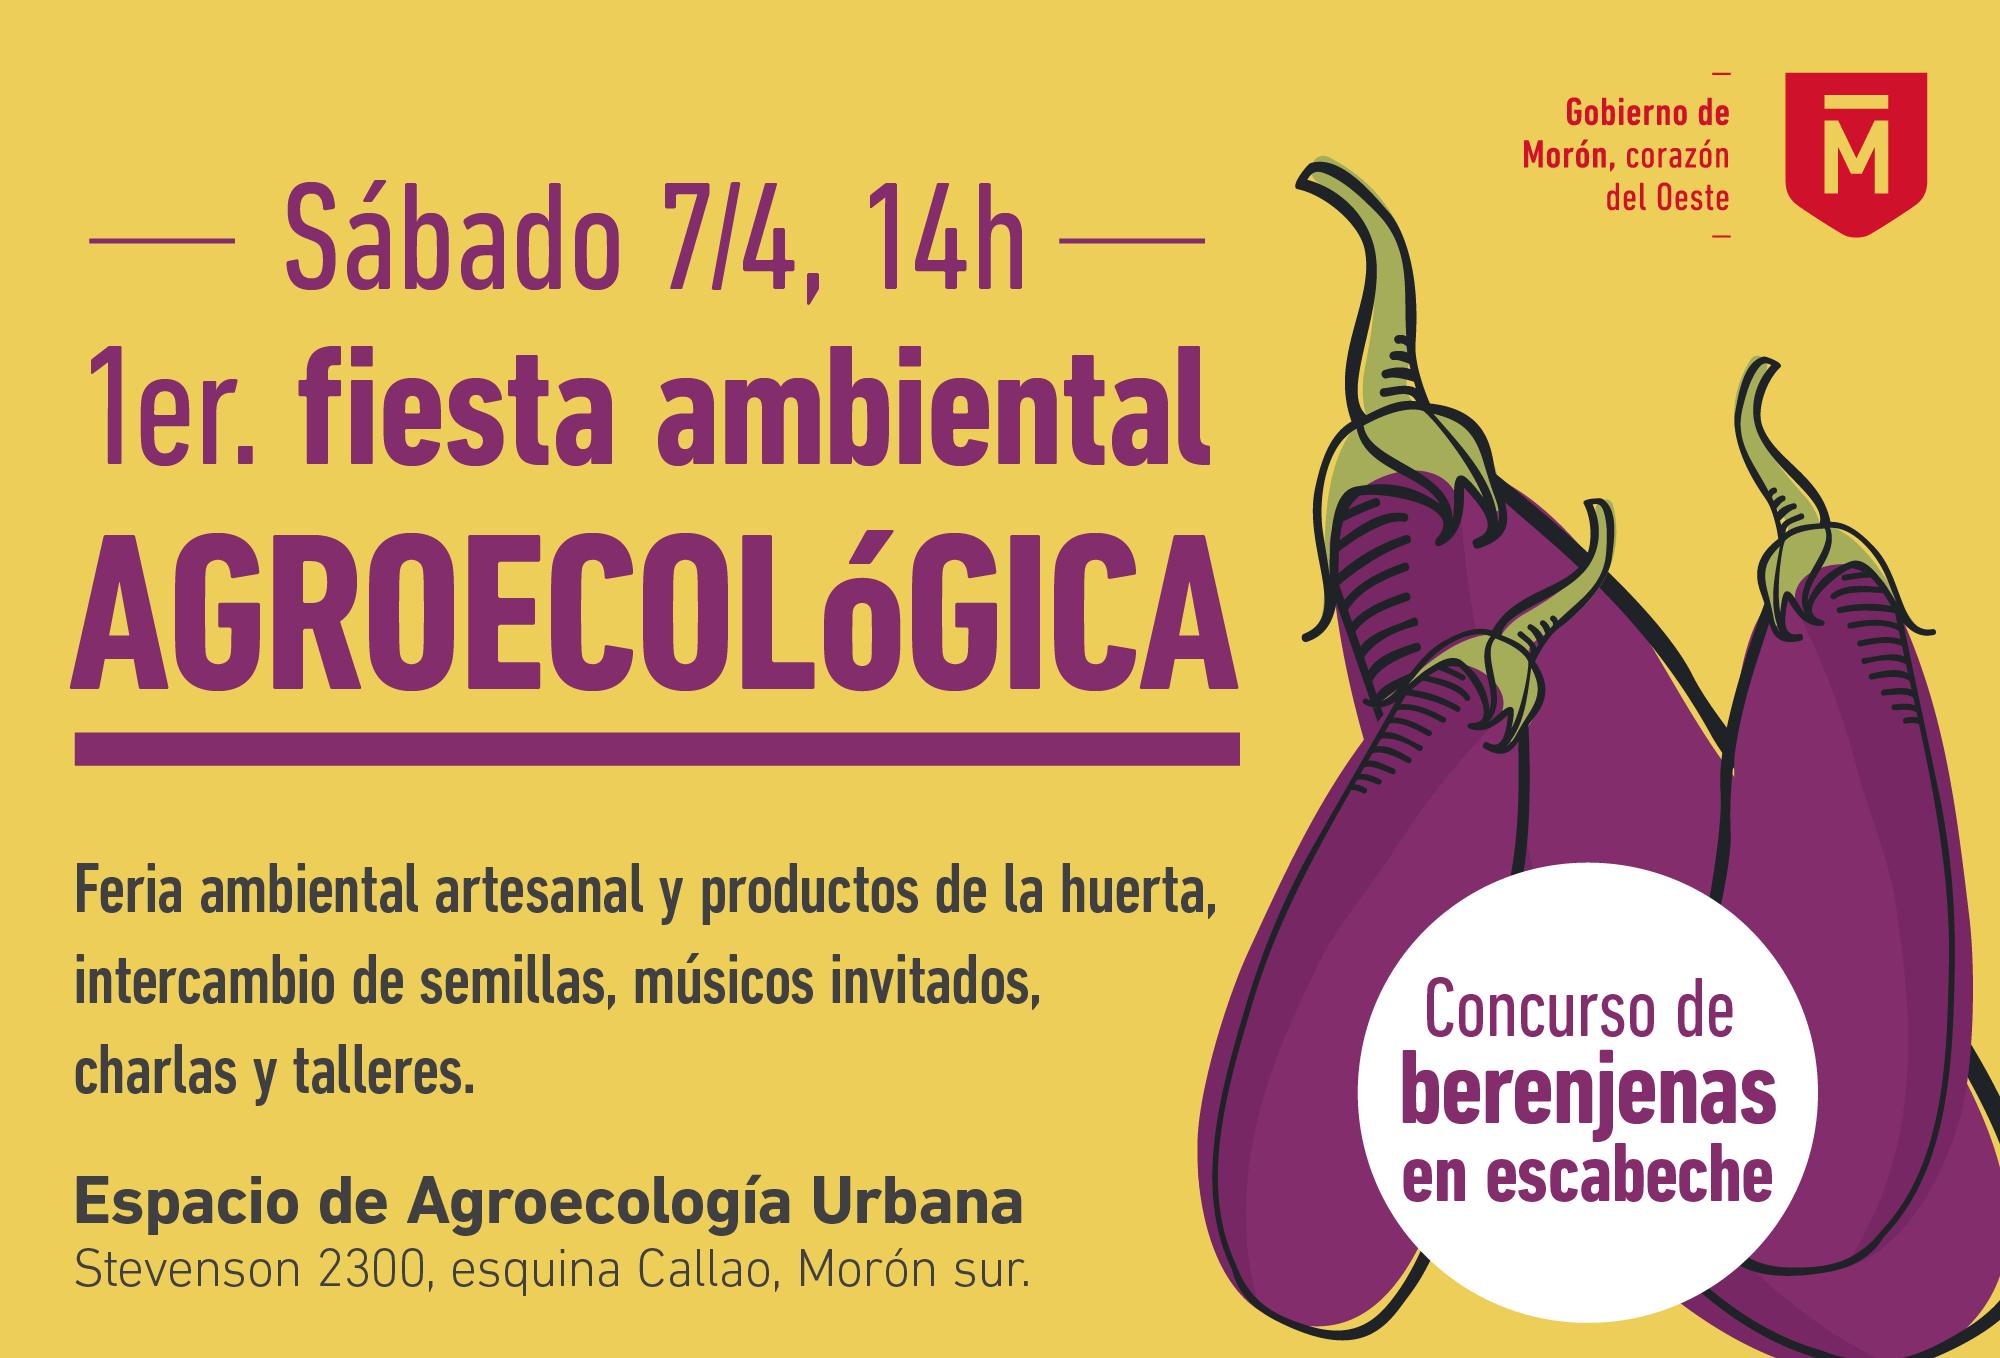 Se llevará a cabo un festival ambiental agroecológico en Morón